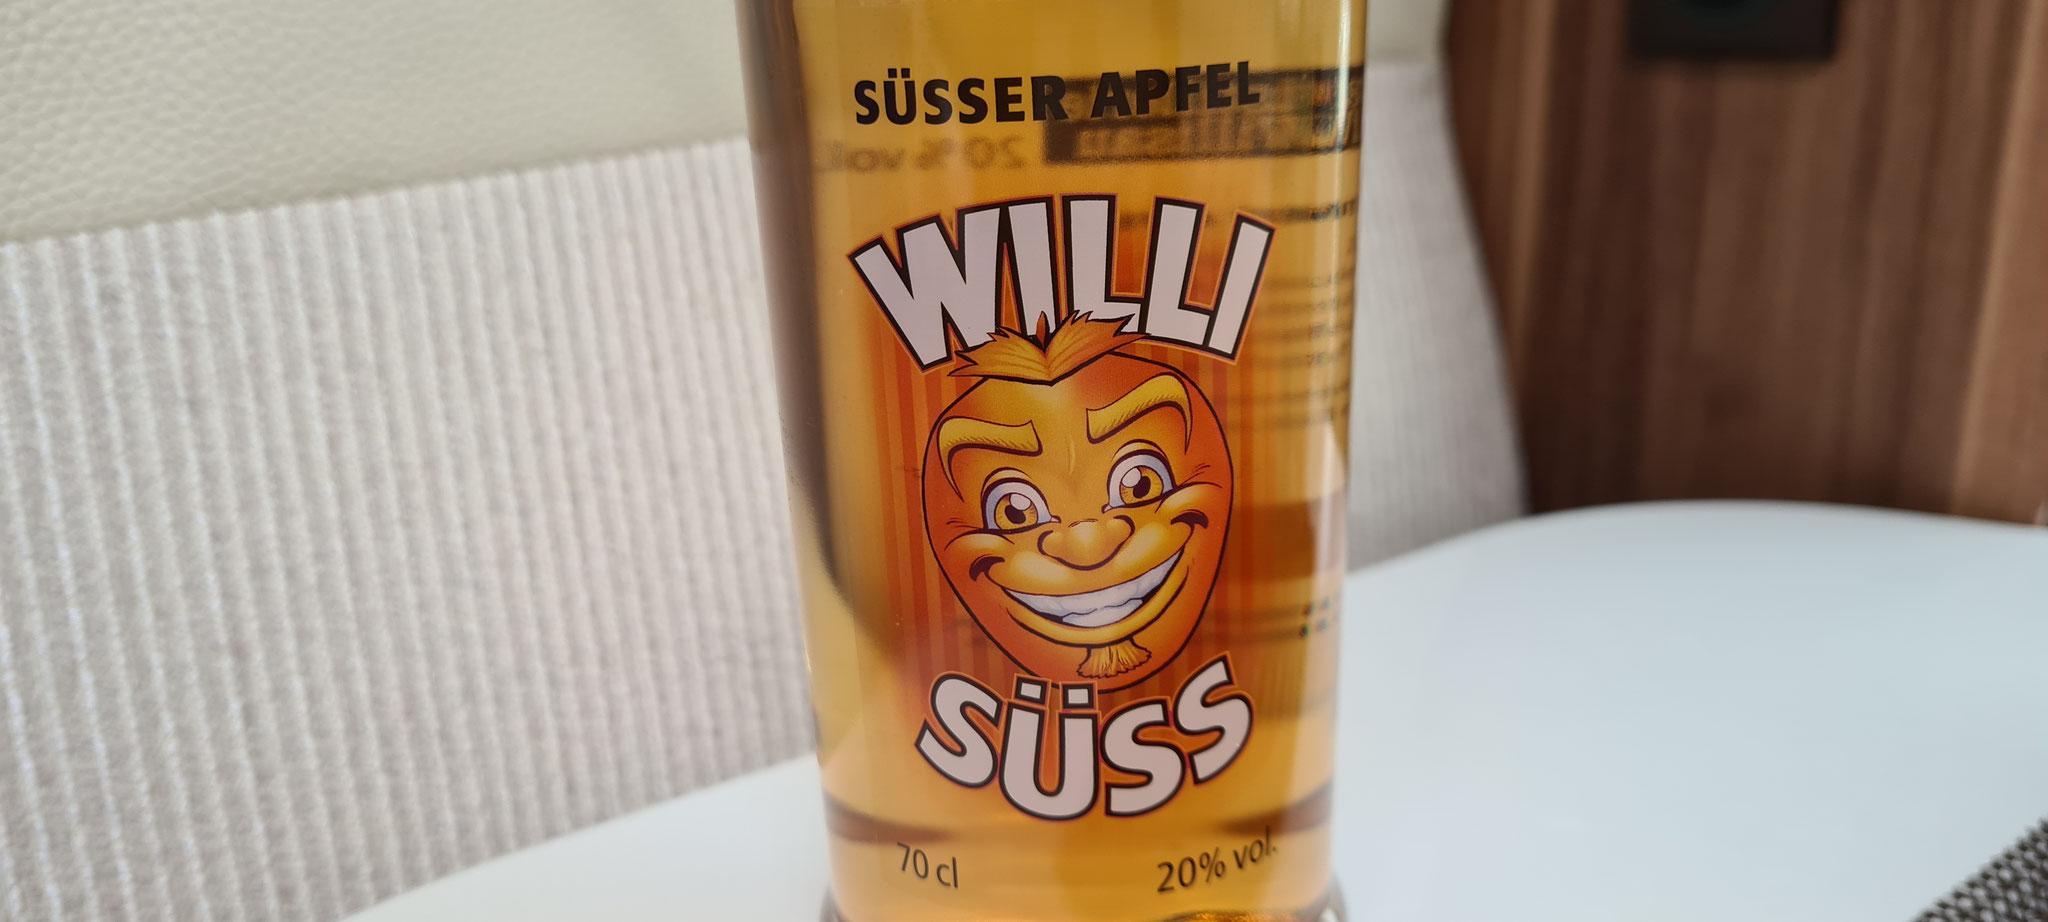 ...unser Willi-Wilson ist sowieso süss!!!